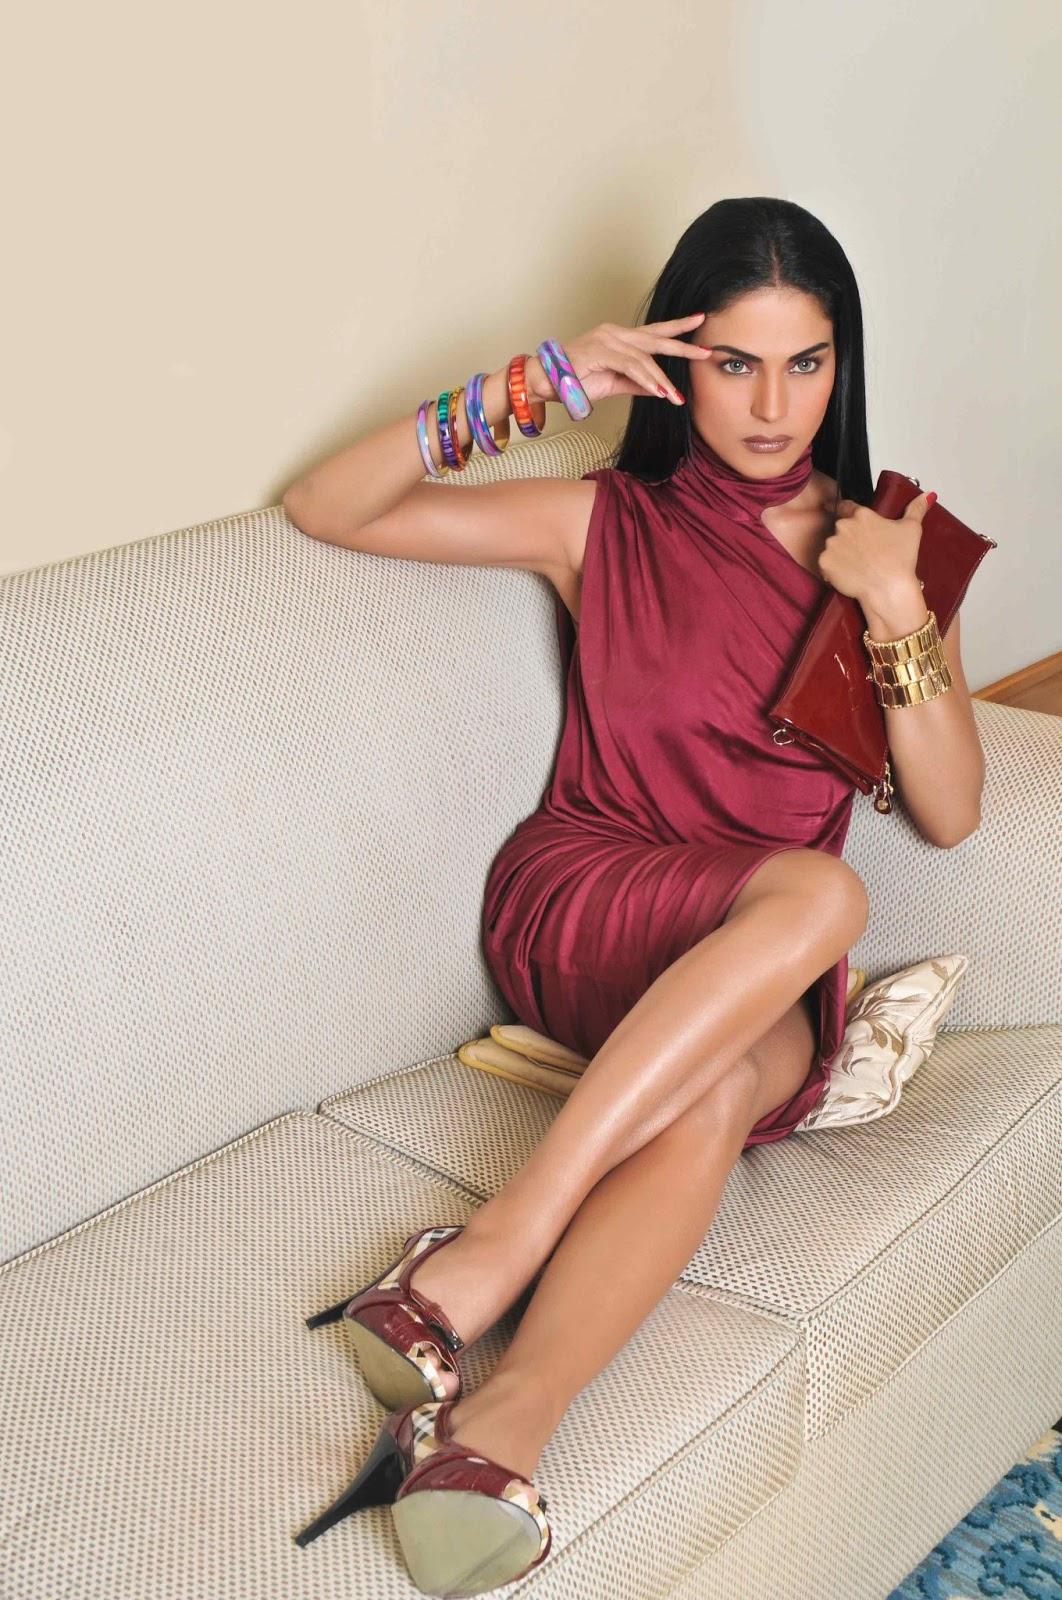 pakistani actress veena malik hot photos free download